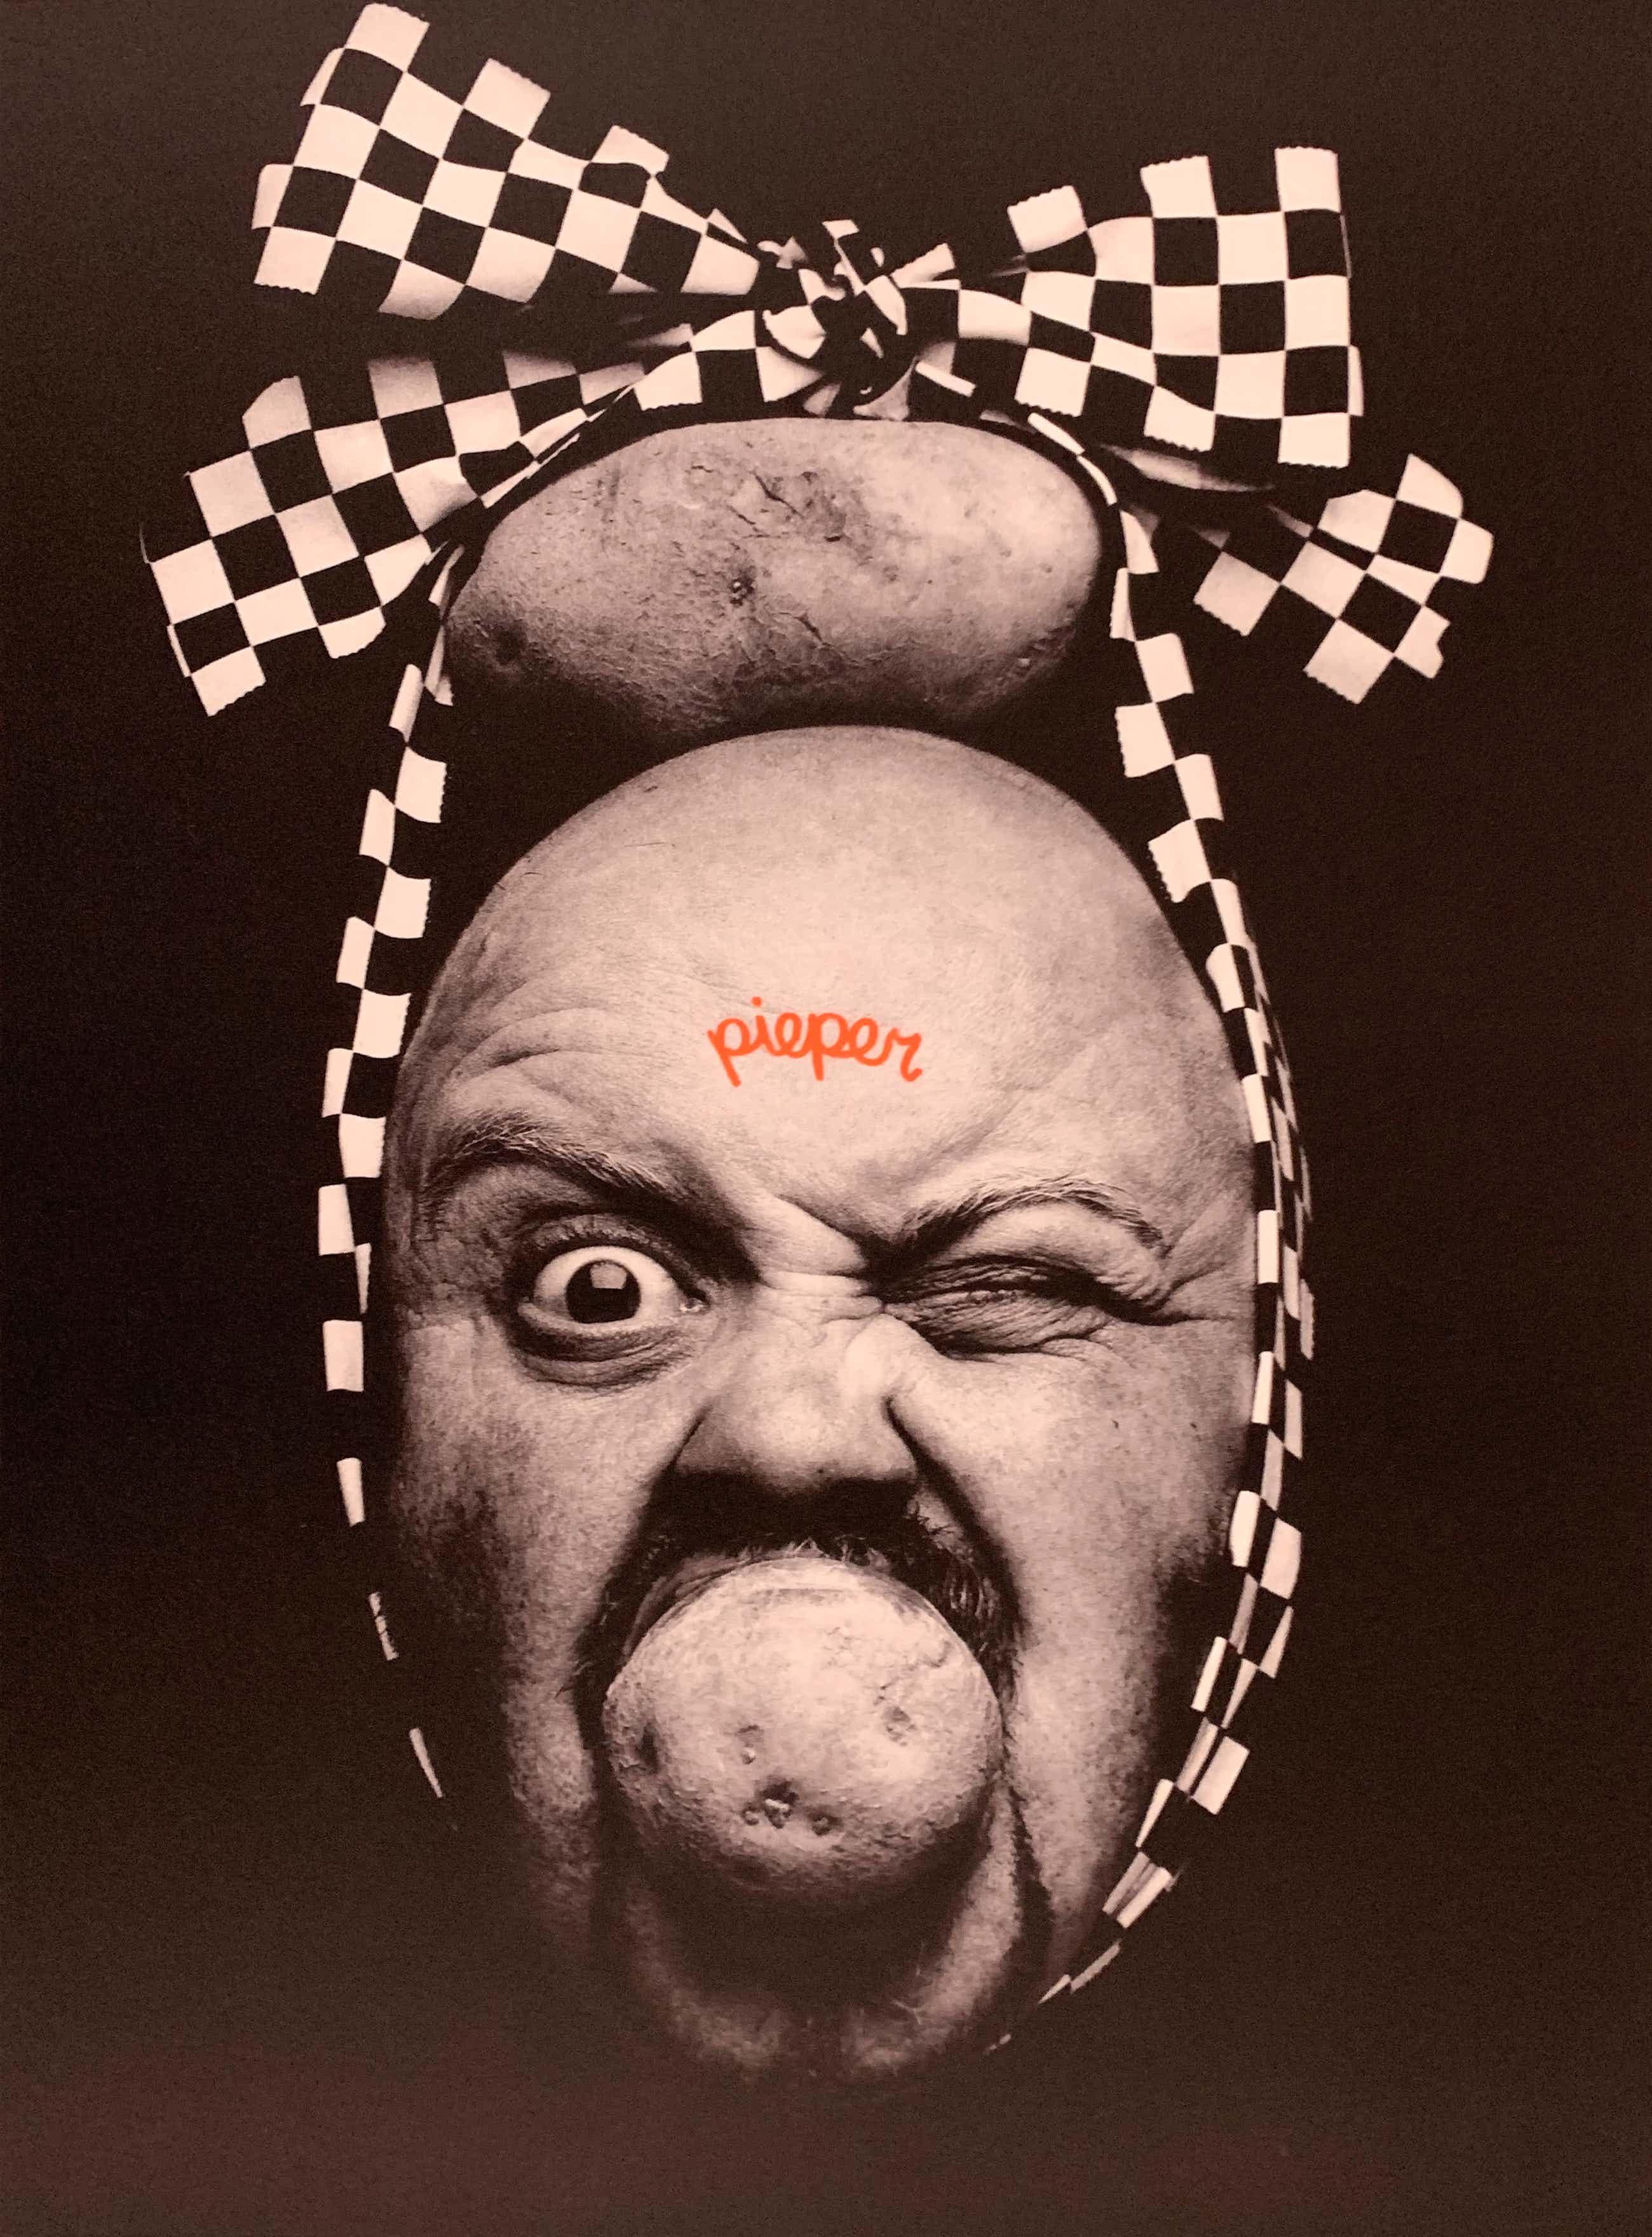 Erwin Olaf - 'Pieper' - 1999 - Oplage slechts 18 stuks (ZELDZAAM!) kopen? Bied vanaf 999!